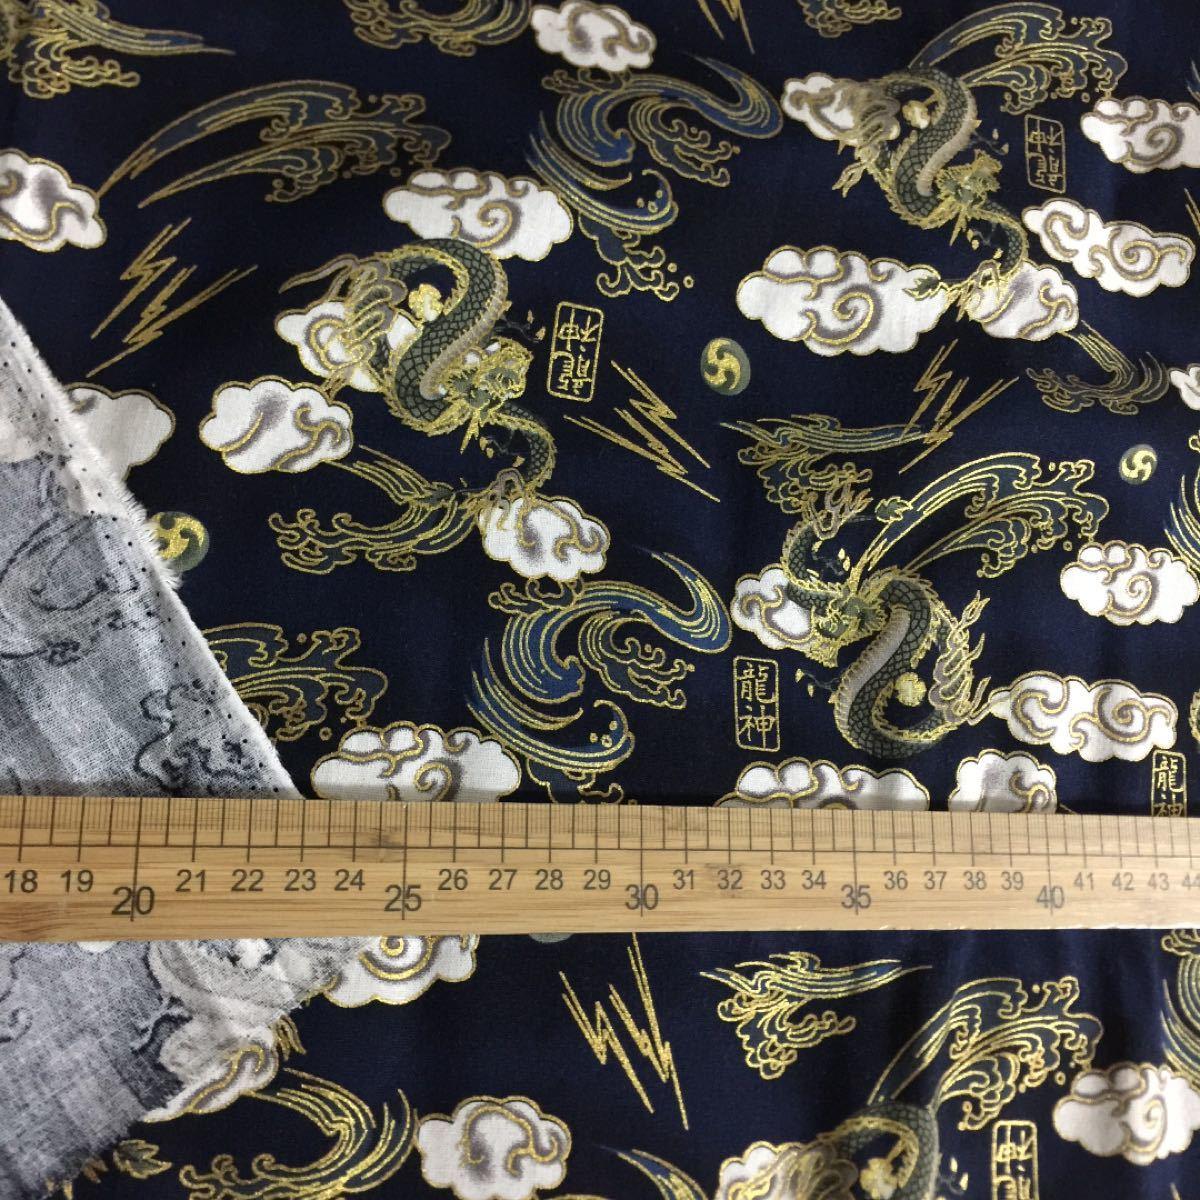 生地 ハギレ 布 和柄 龍と白波 花柄 50cm 金糸プリント 黒色